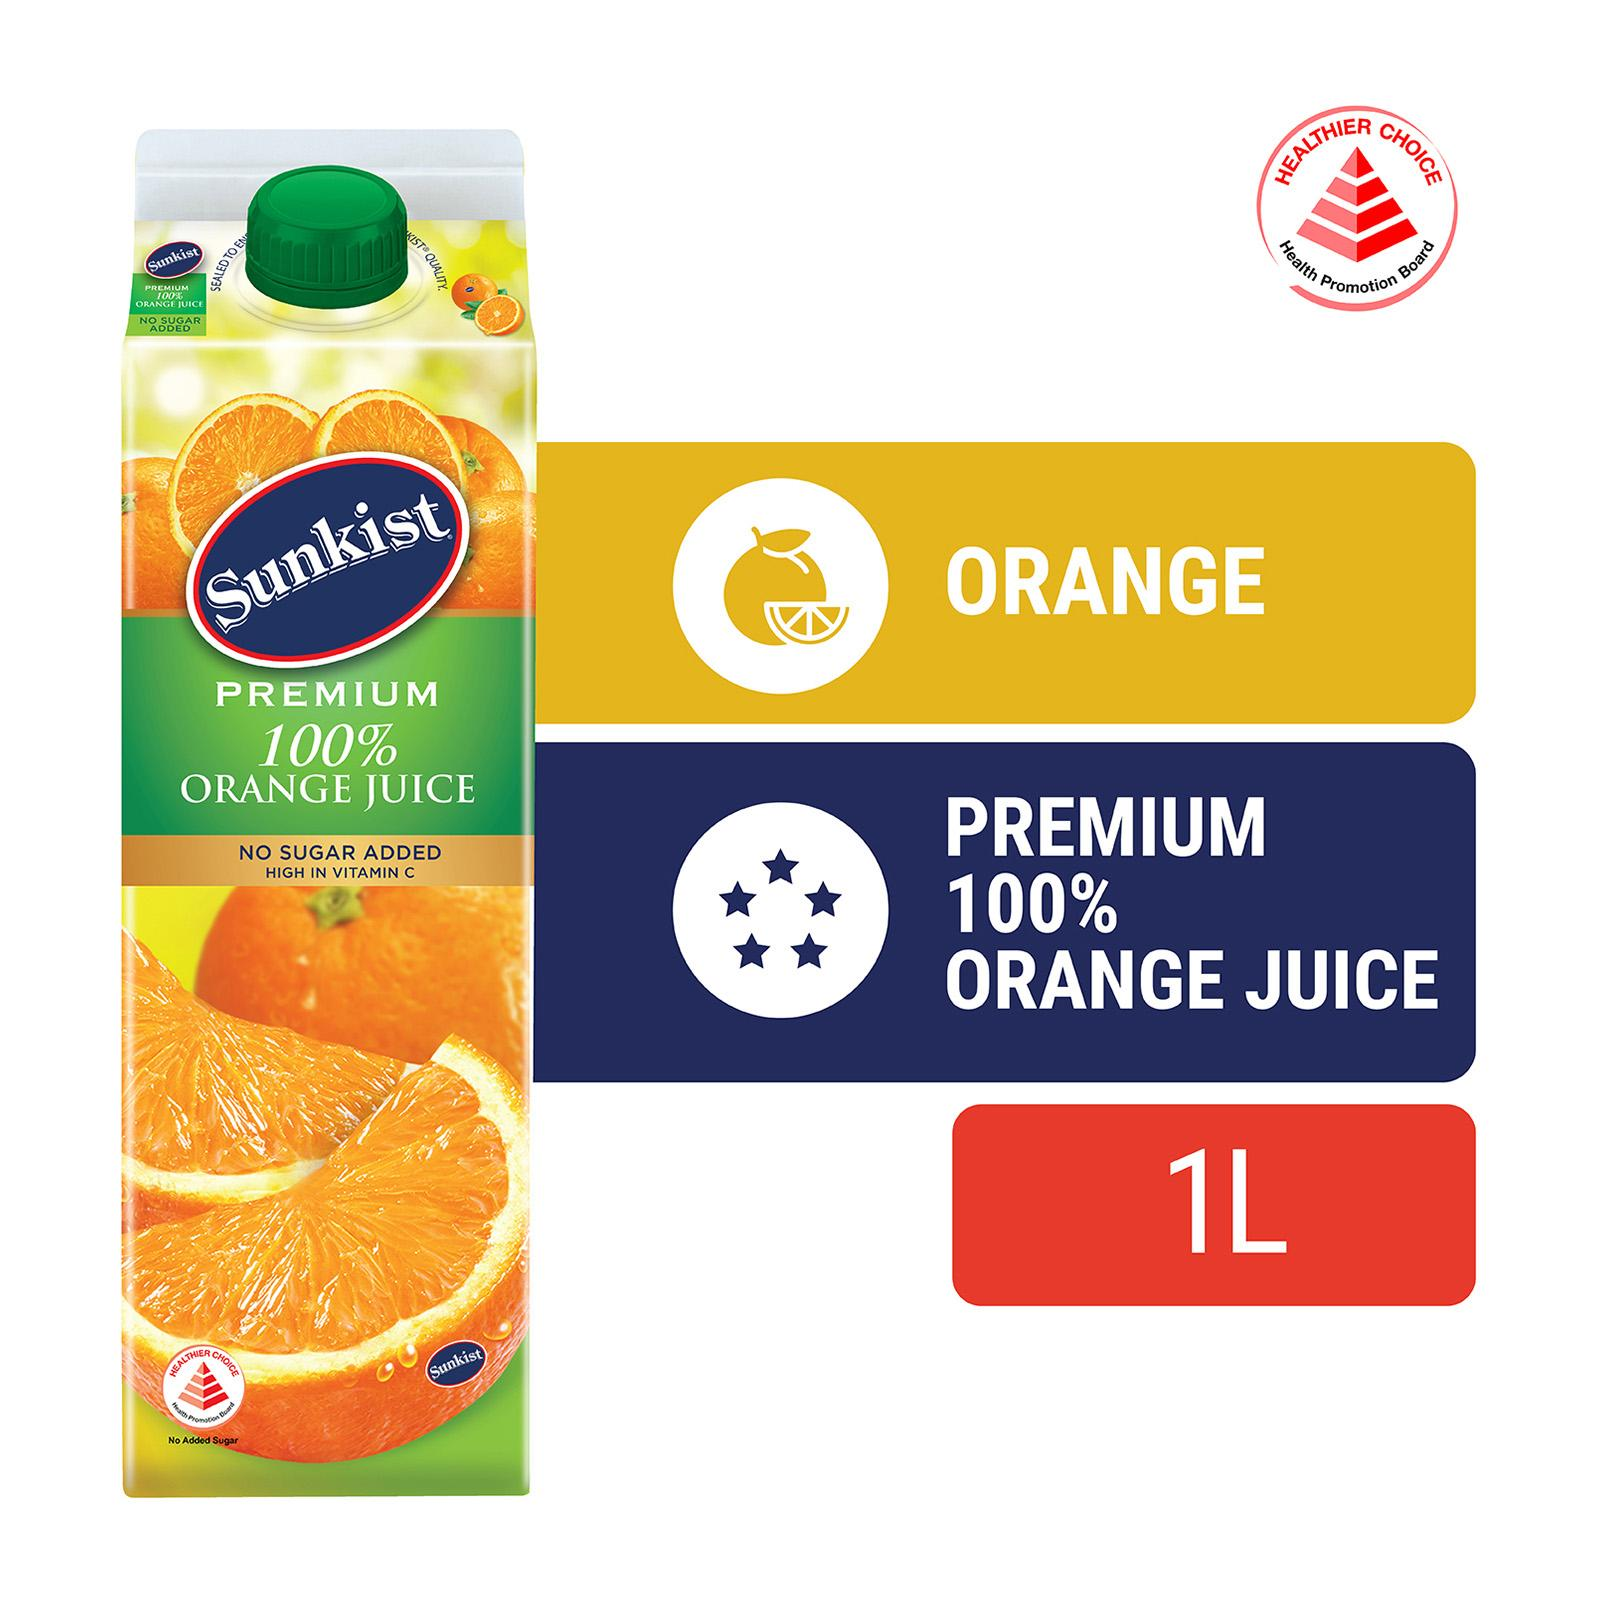 Sunkist Premium 100% Orange Juice 1L